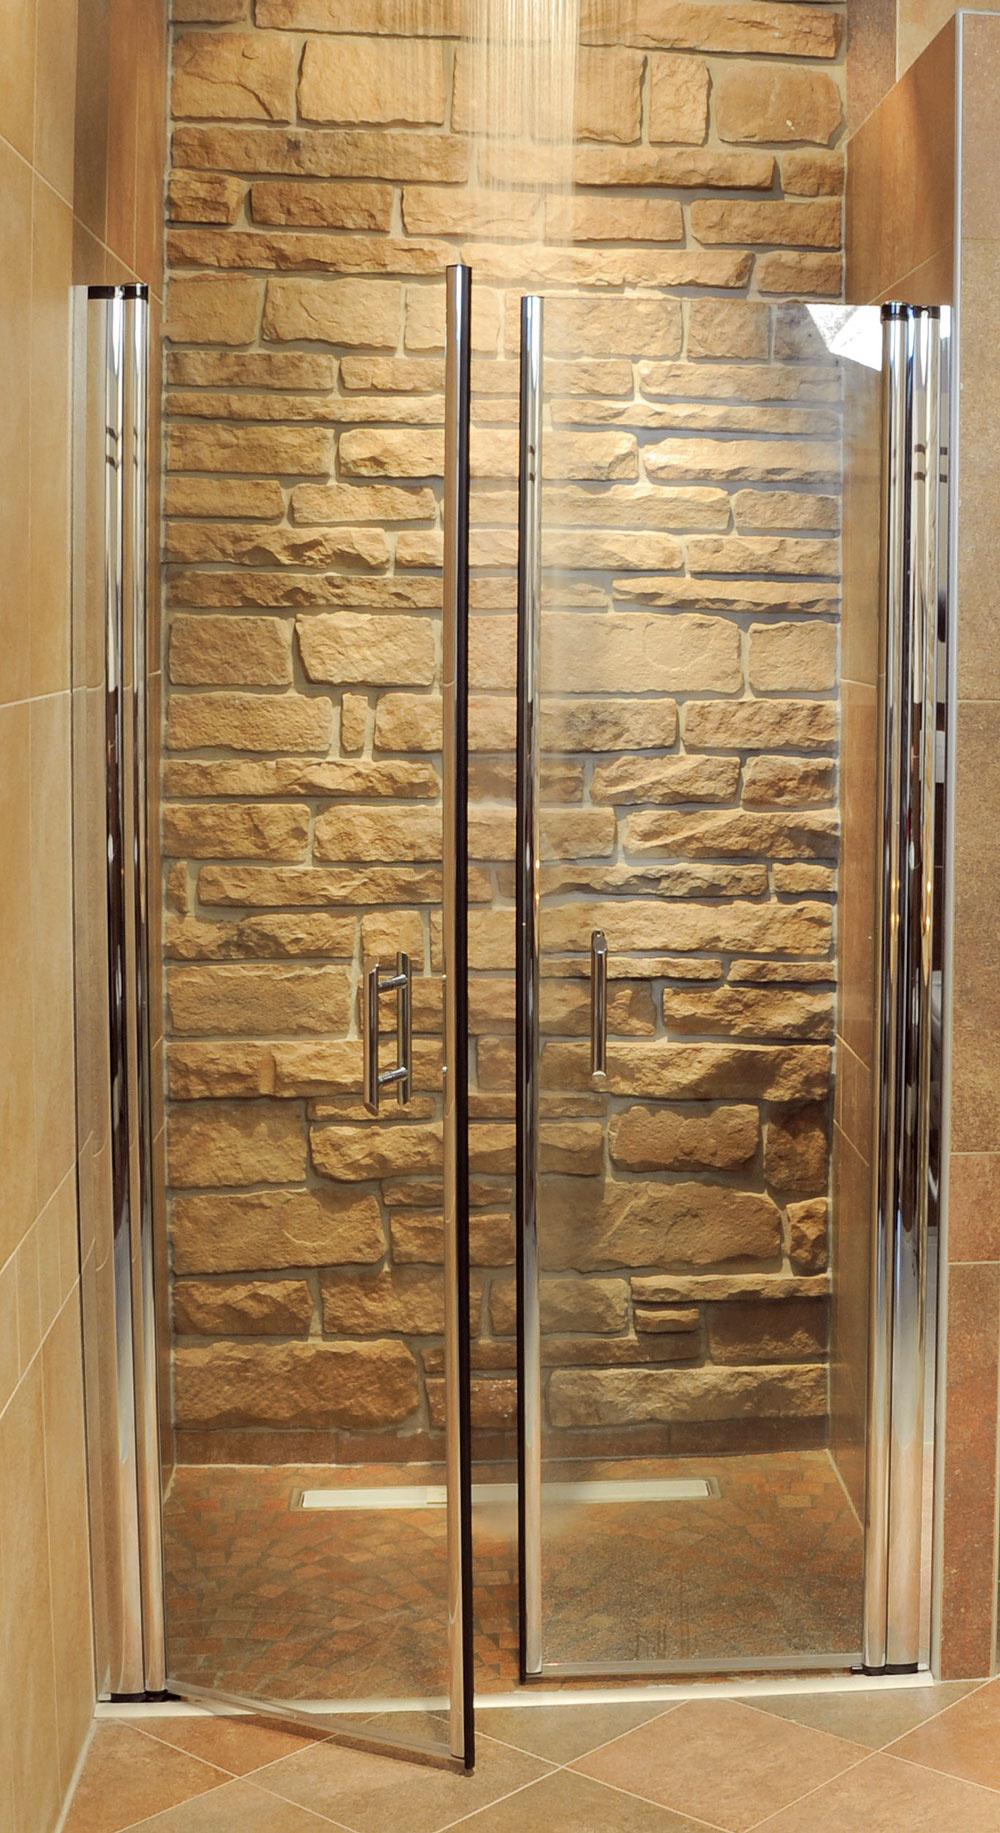 Dokonalý dizajn kúpeľne dosiahnete aj pomocou  minimalistických detailov, ako napríklad odtok vody vpodlahe. Dôležité je tu dokonalé technické spracovanie. Zbytočne neimprovizujte.